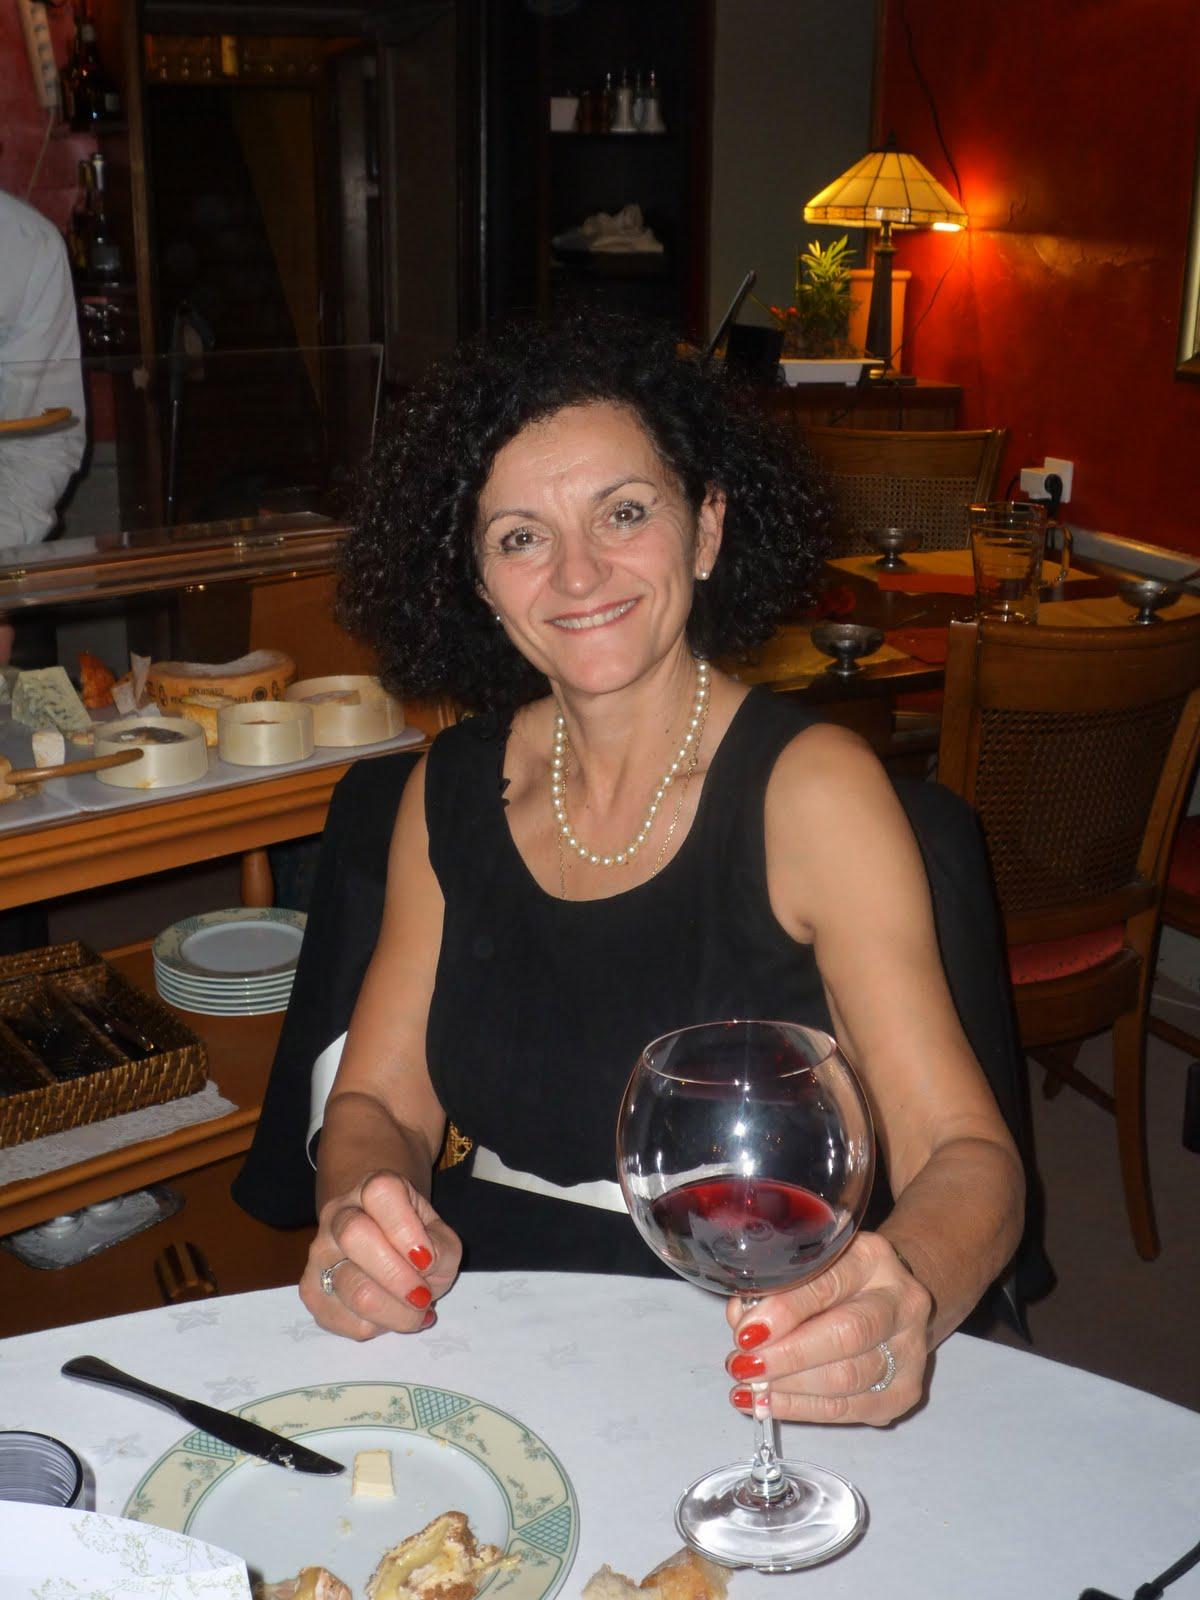 Cuisine rime avec delphine crostini a la ratatouille d39annie for Cuisine d annie